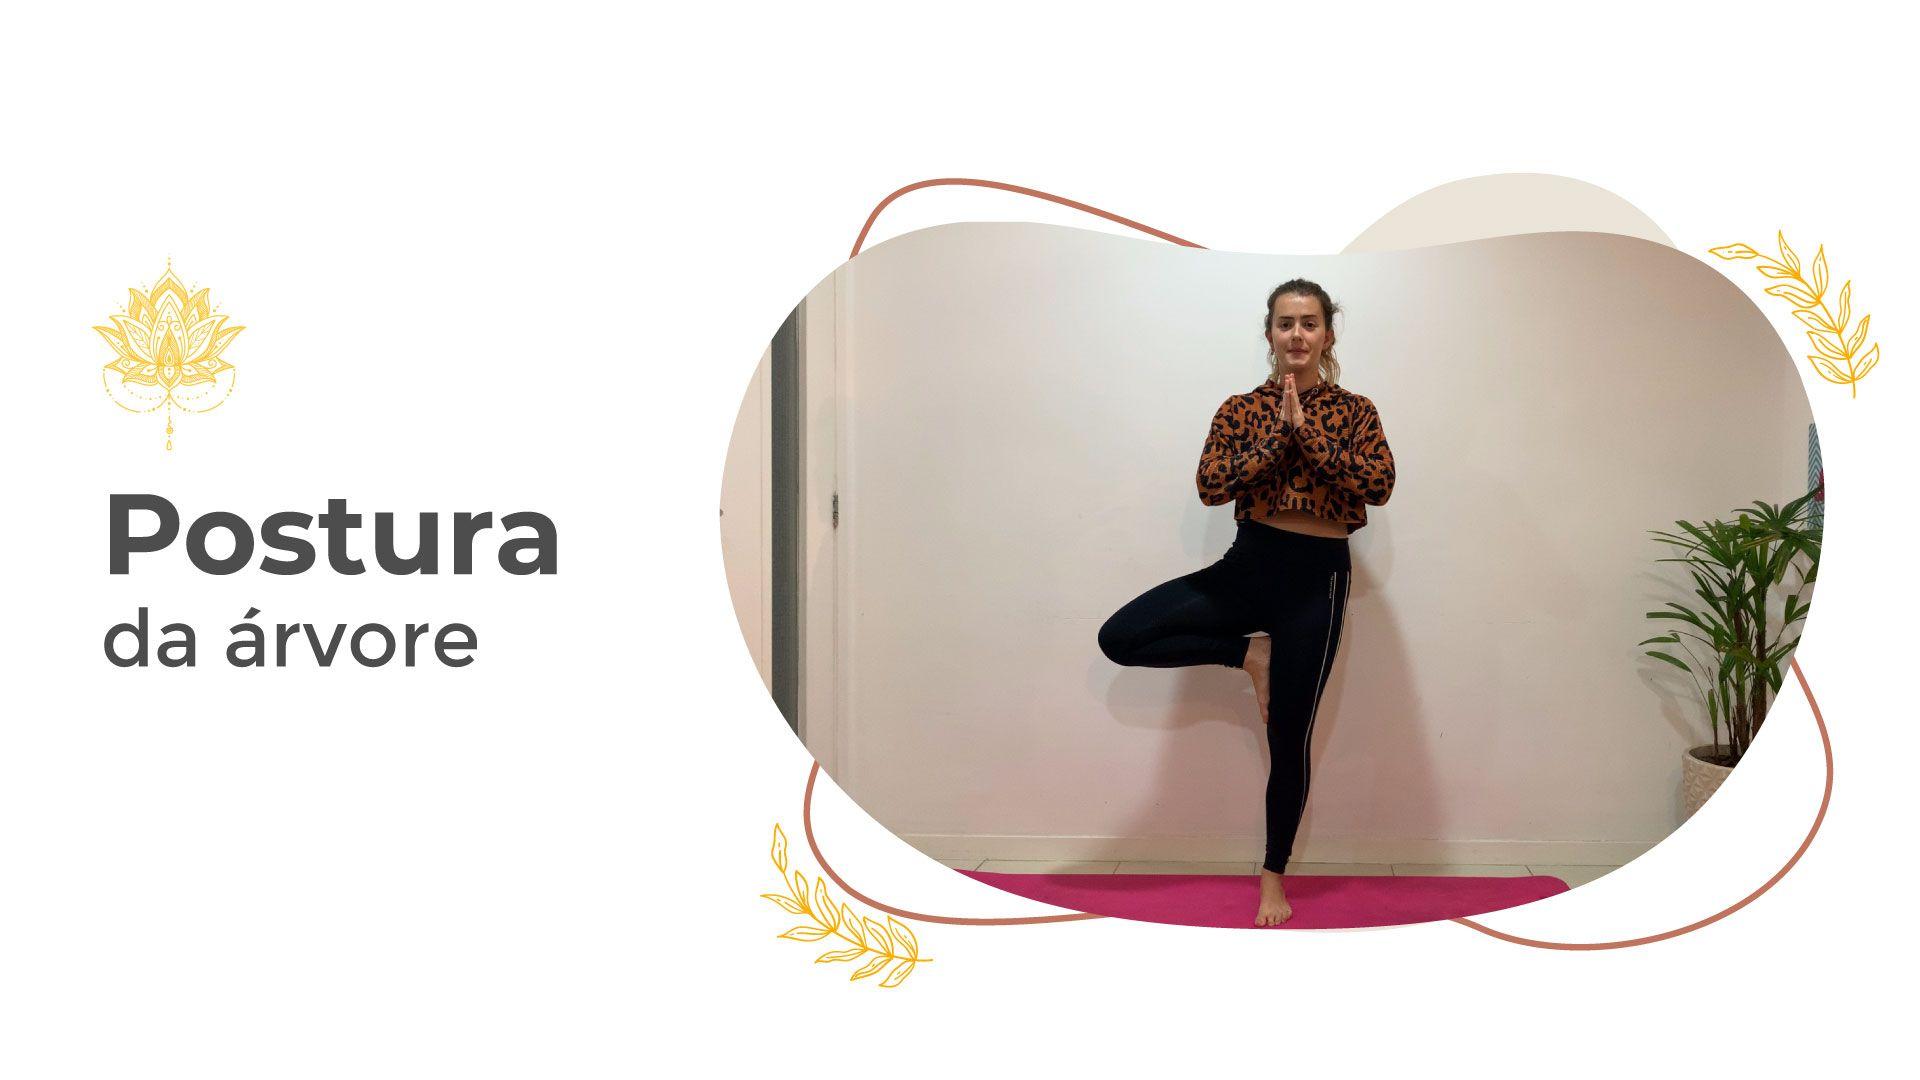 Mulher realizando a postura da árvore durante uma aula de yoga